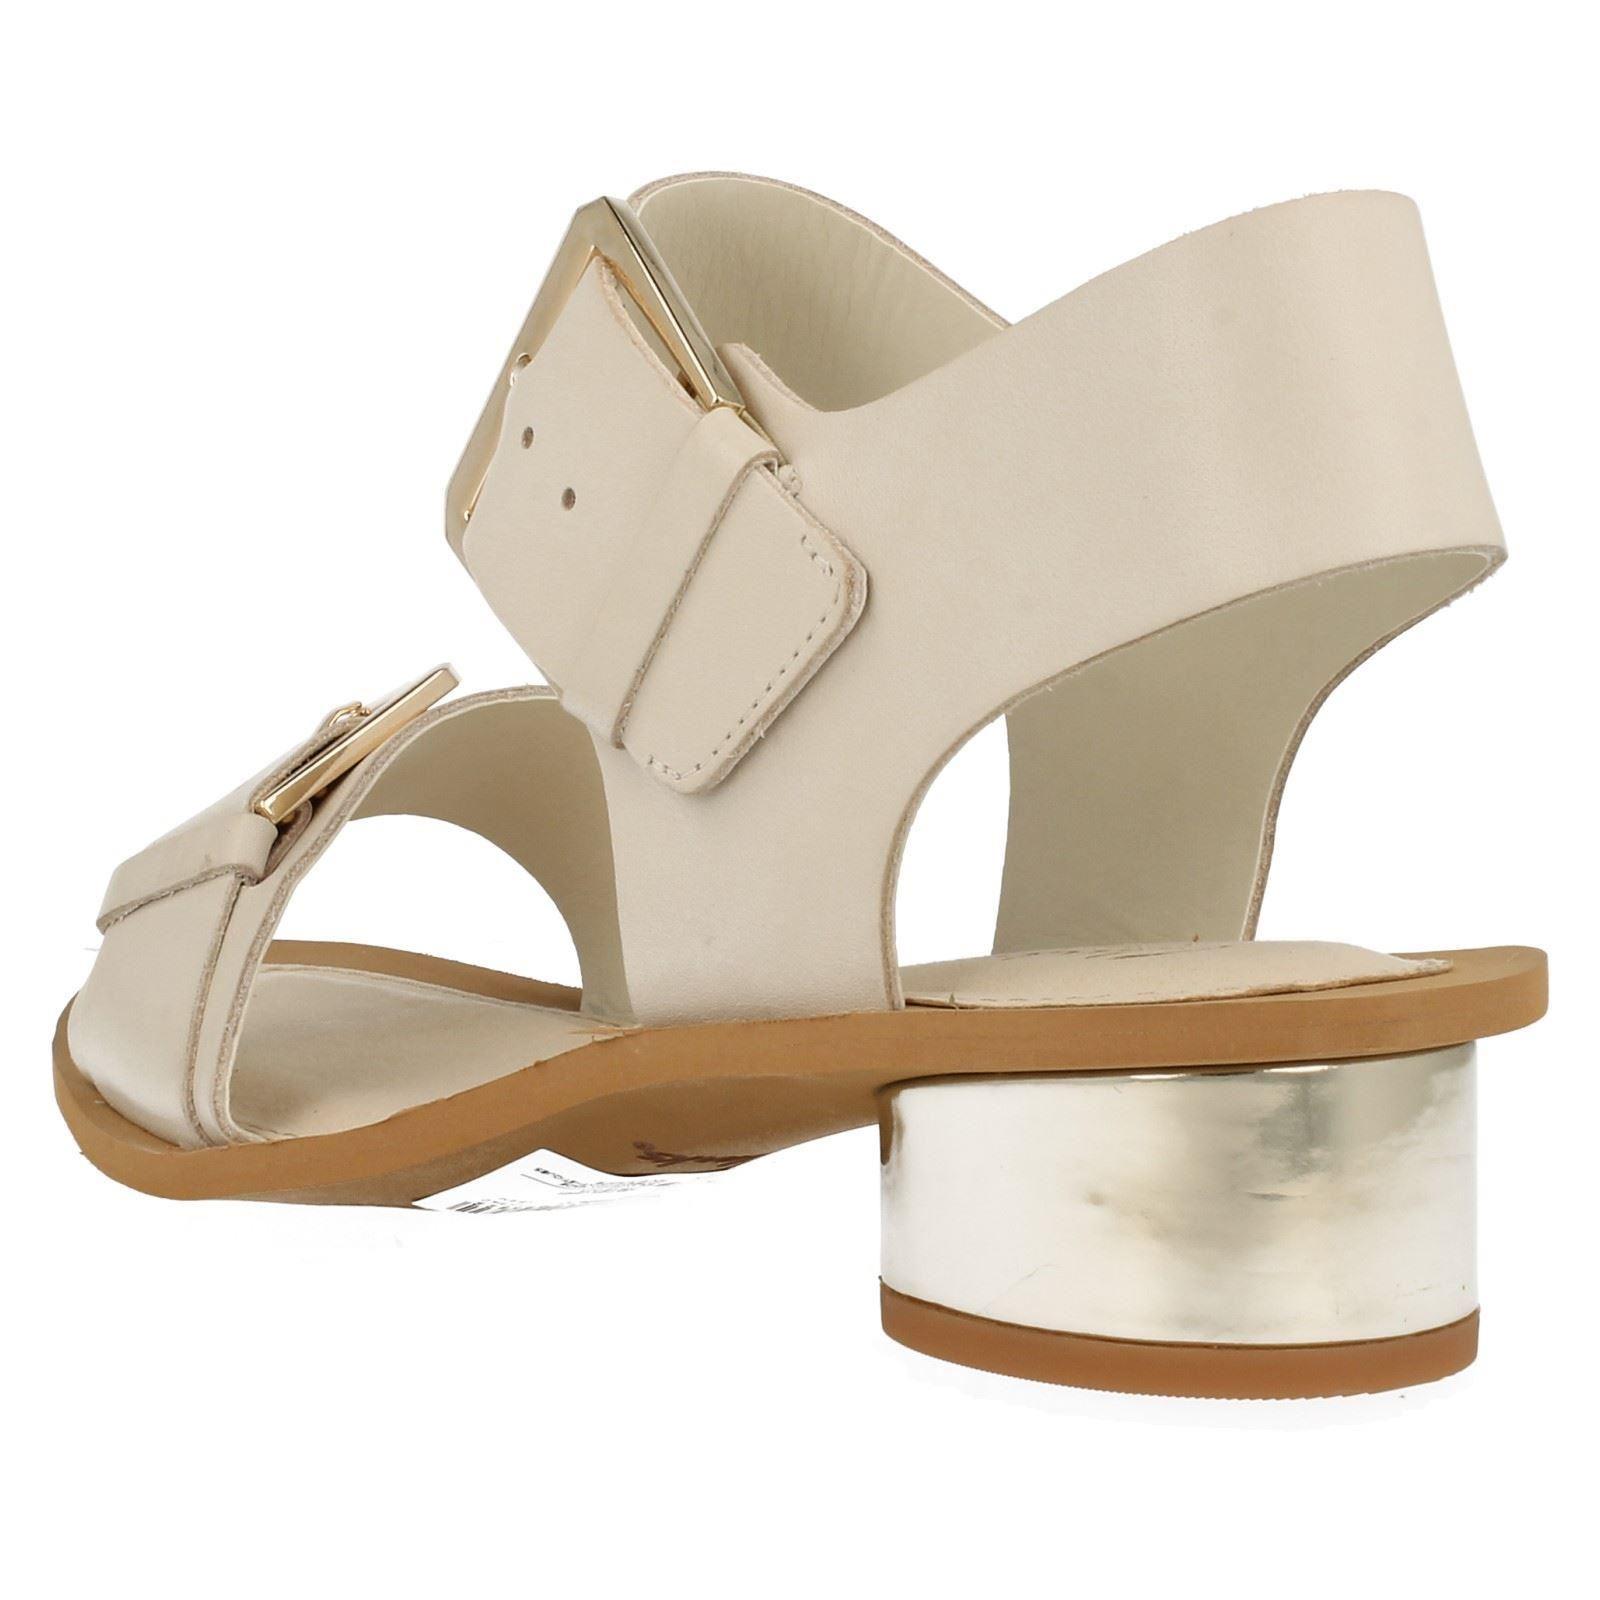 c61a938366add Ladies Clarks Sandals - Sandcastle Art